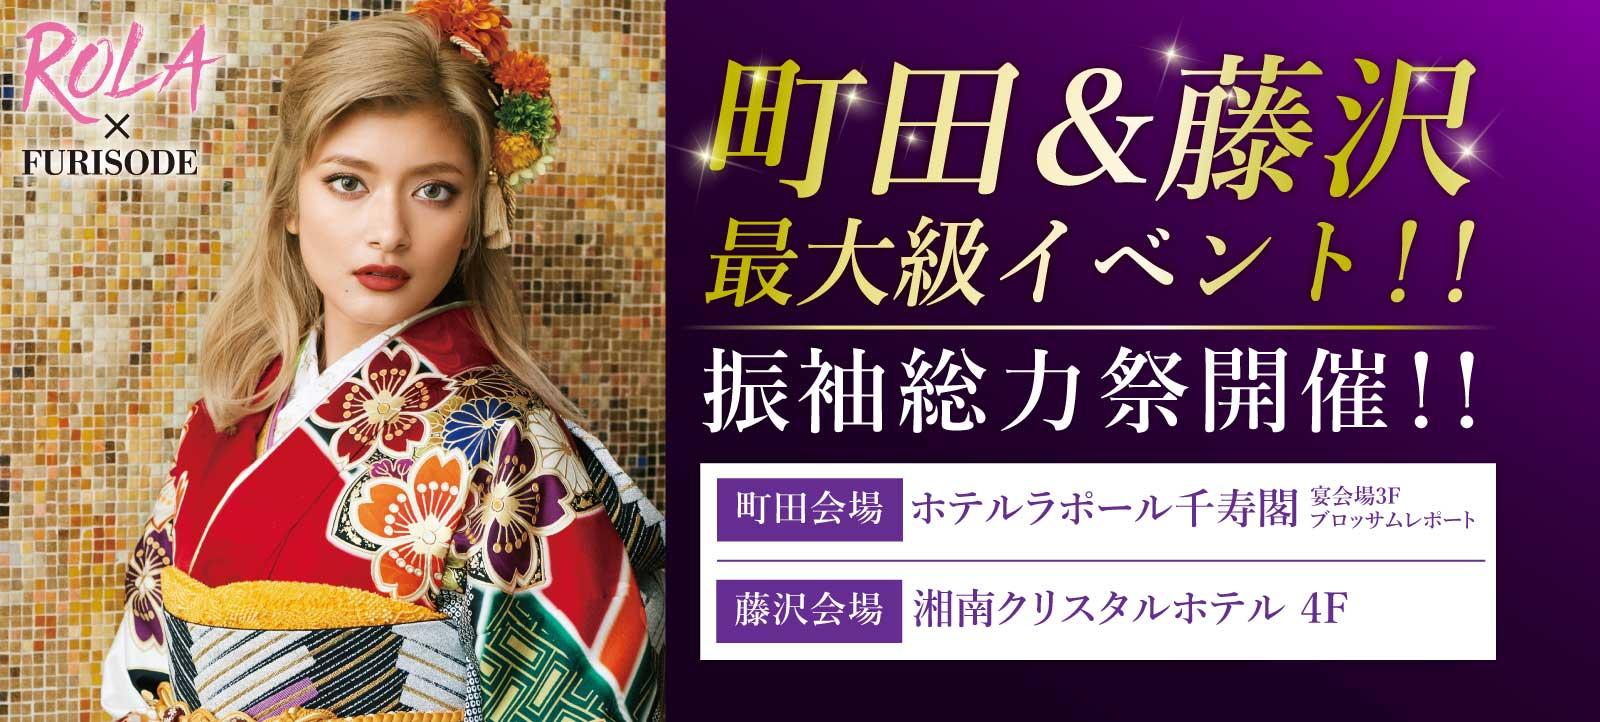 2018年7月振袖イベントin町田・藤沢